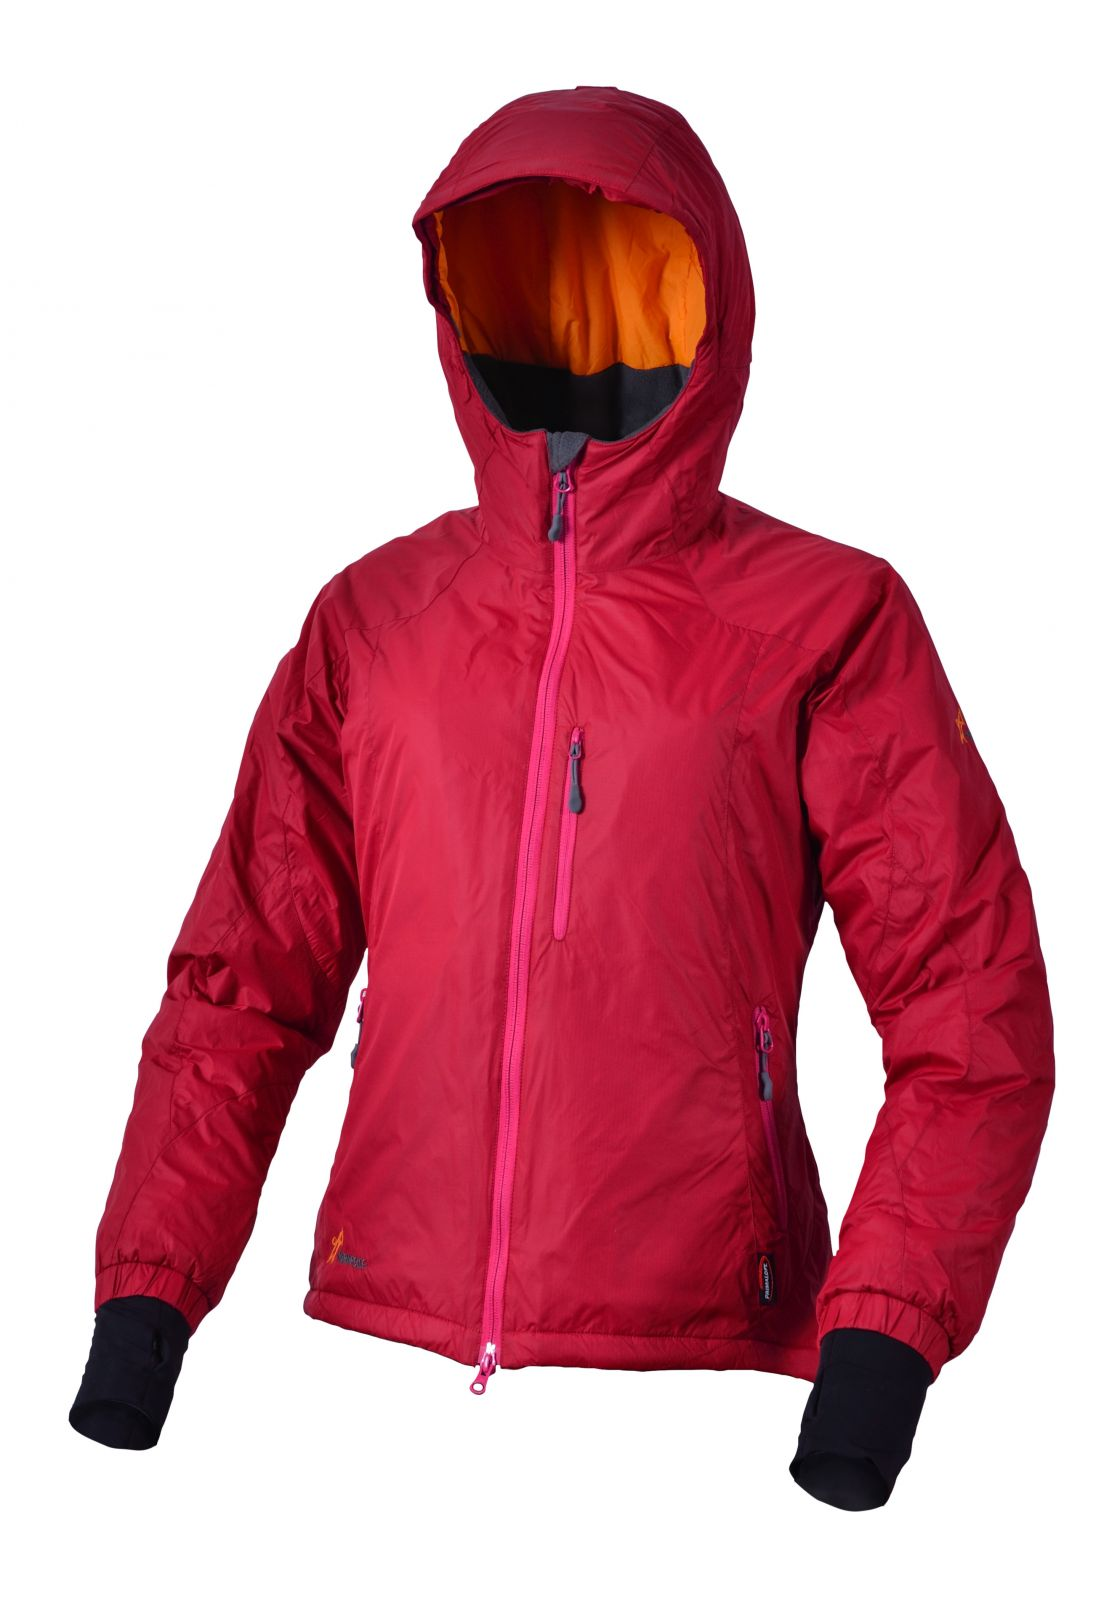 Warmpeace Breeze lady merlot red dámské ultralehká zimní bunda